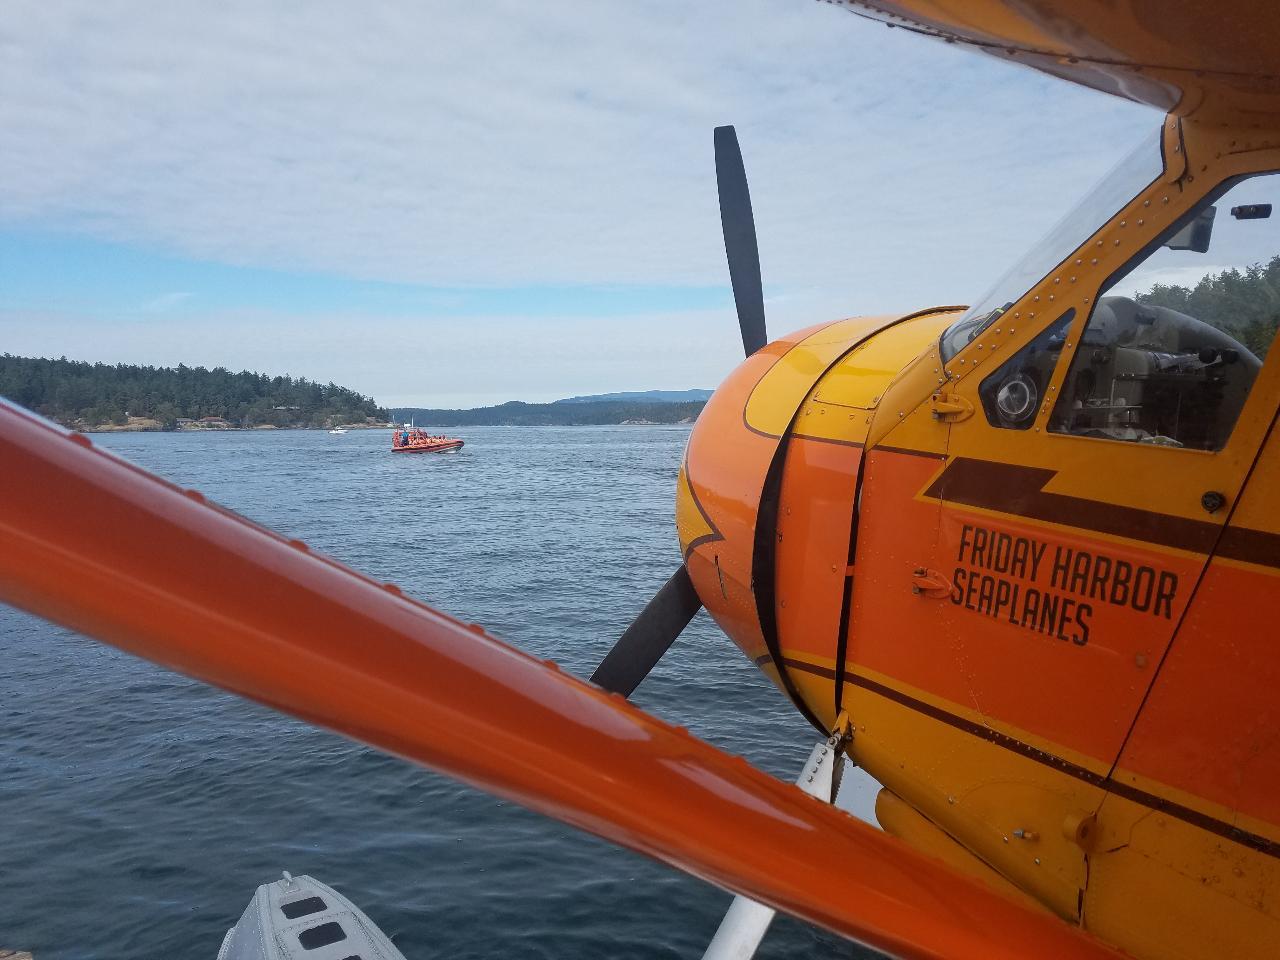 Friday Harbor Charter Flight